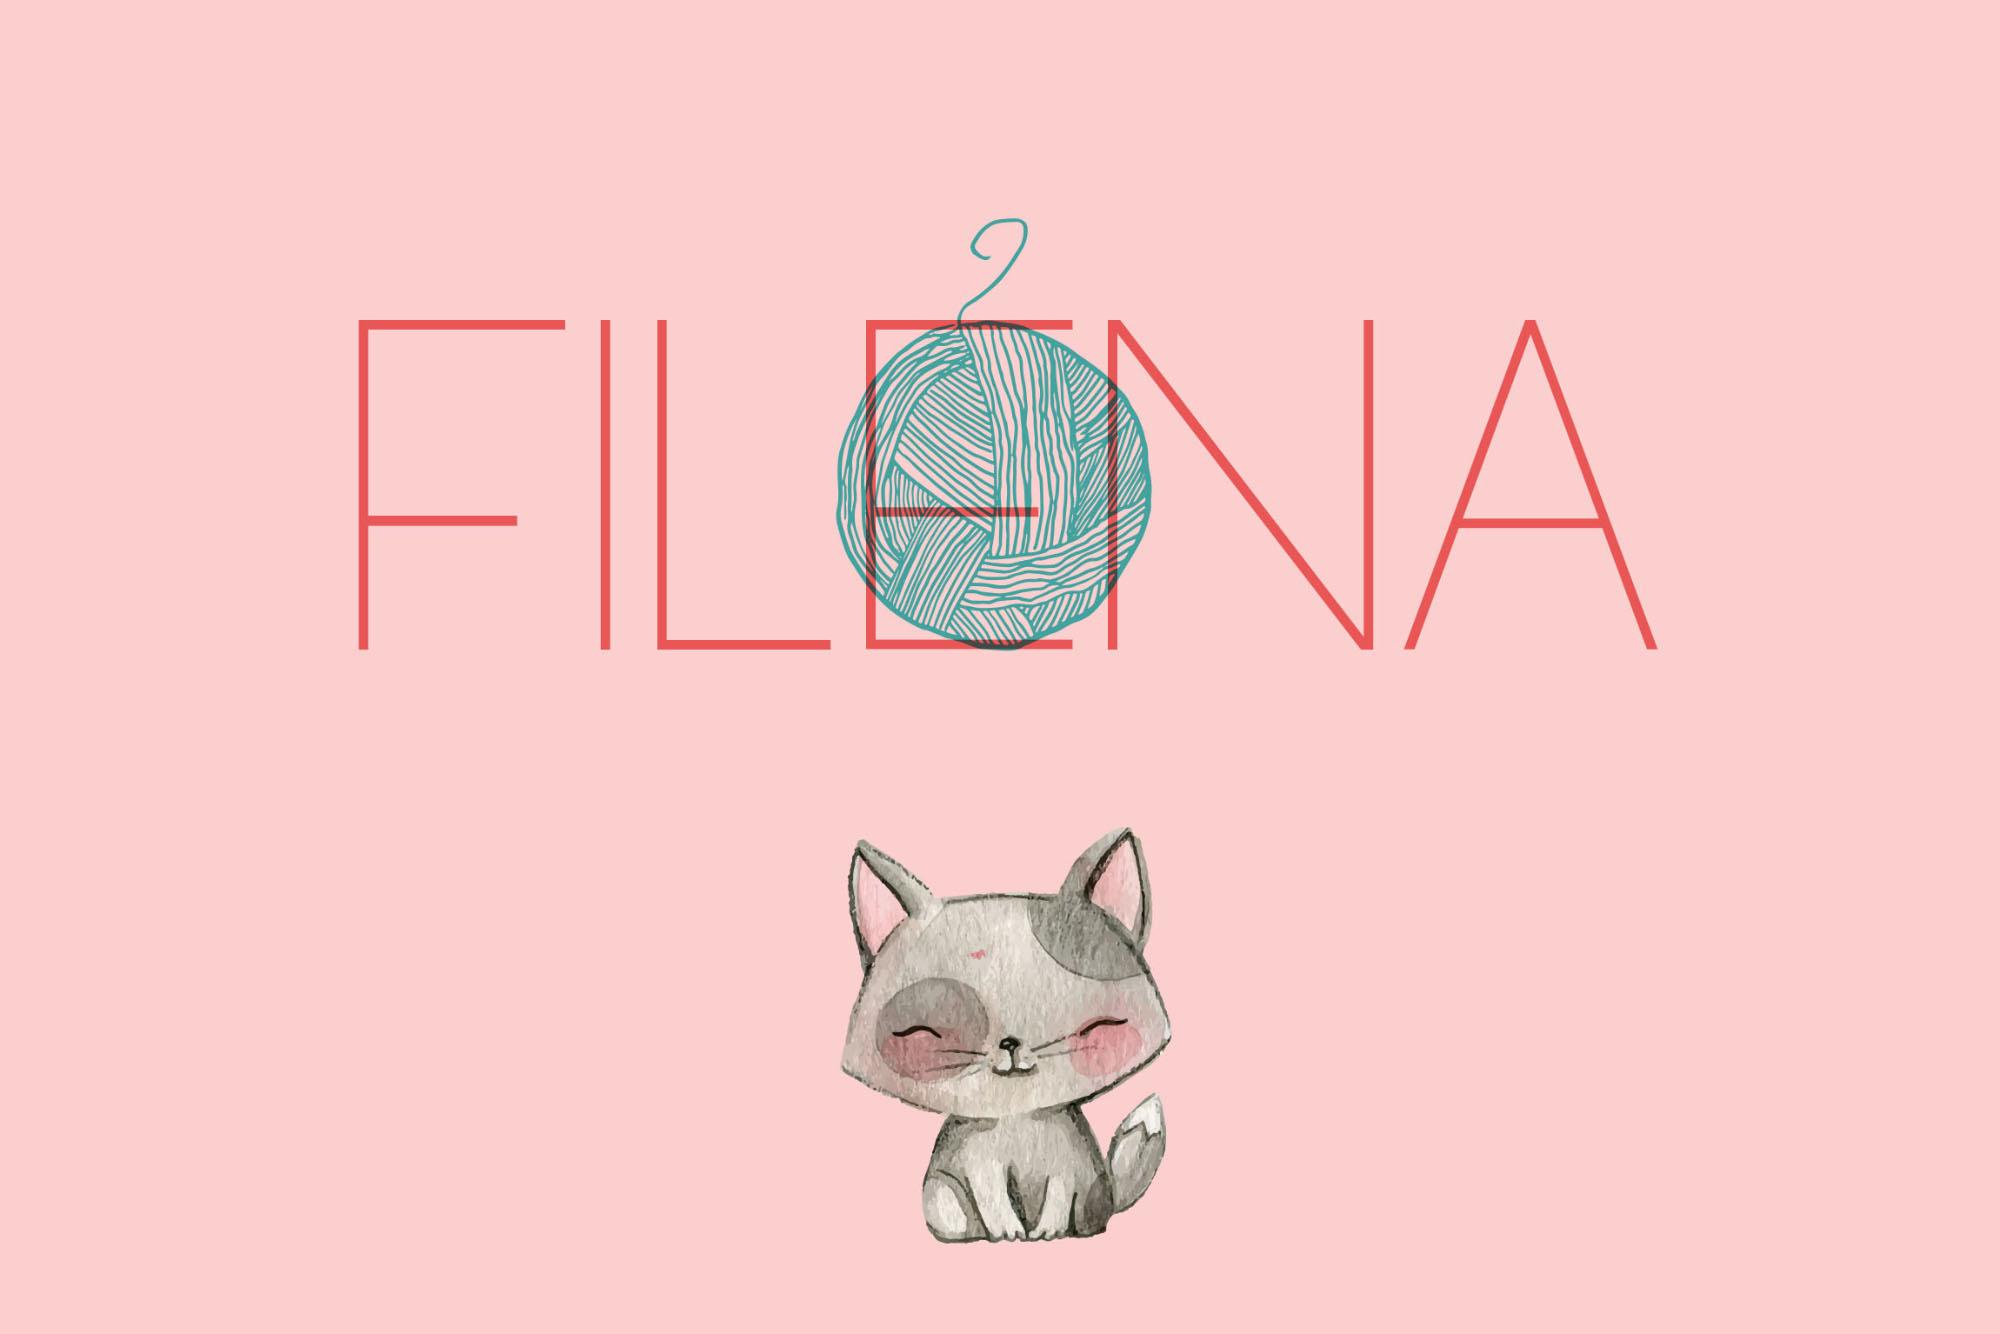 Filena Font